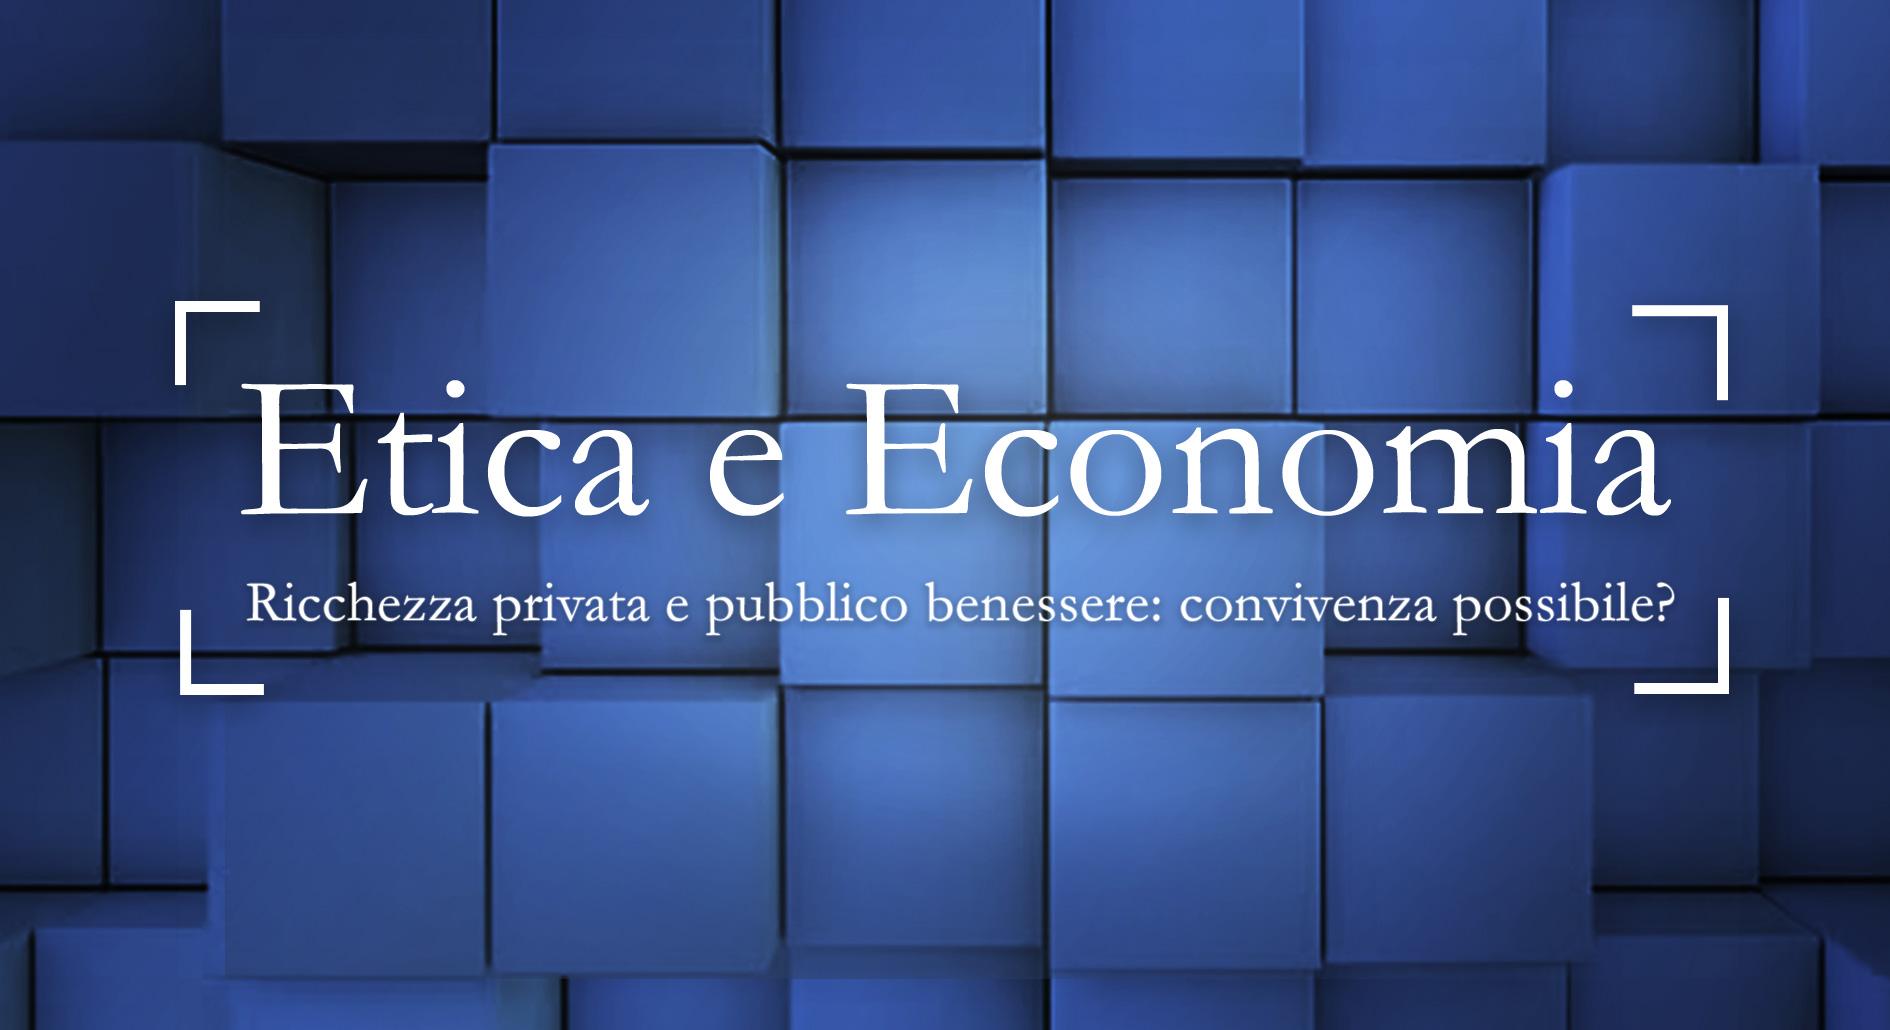 etica-e-economia